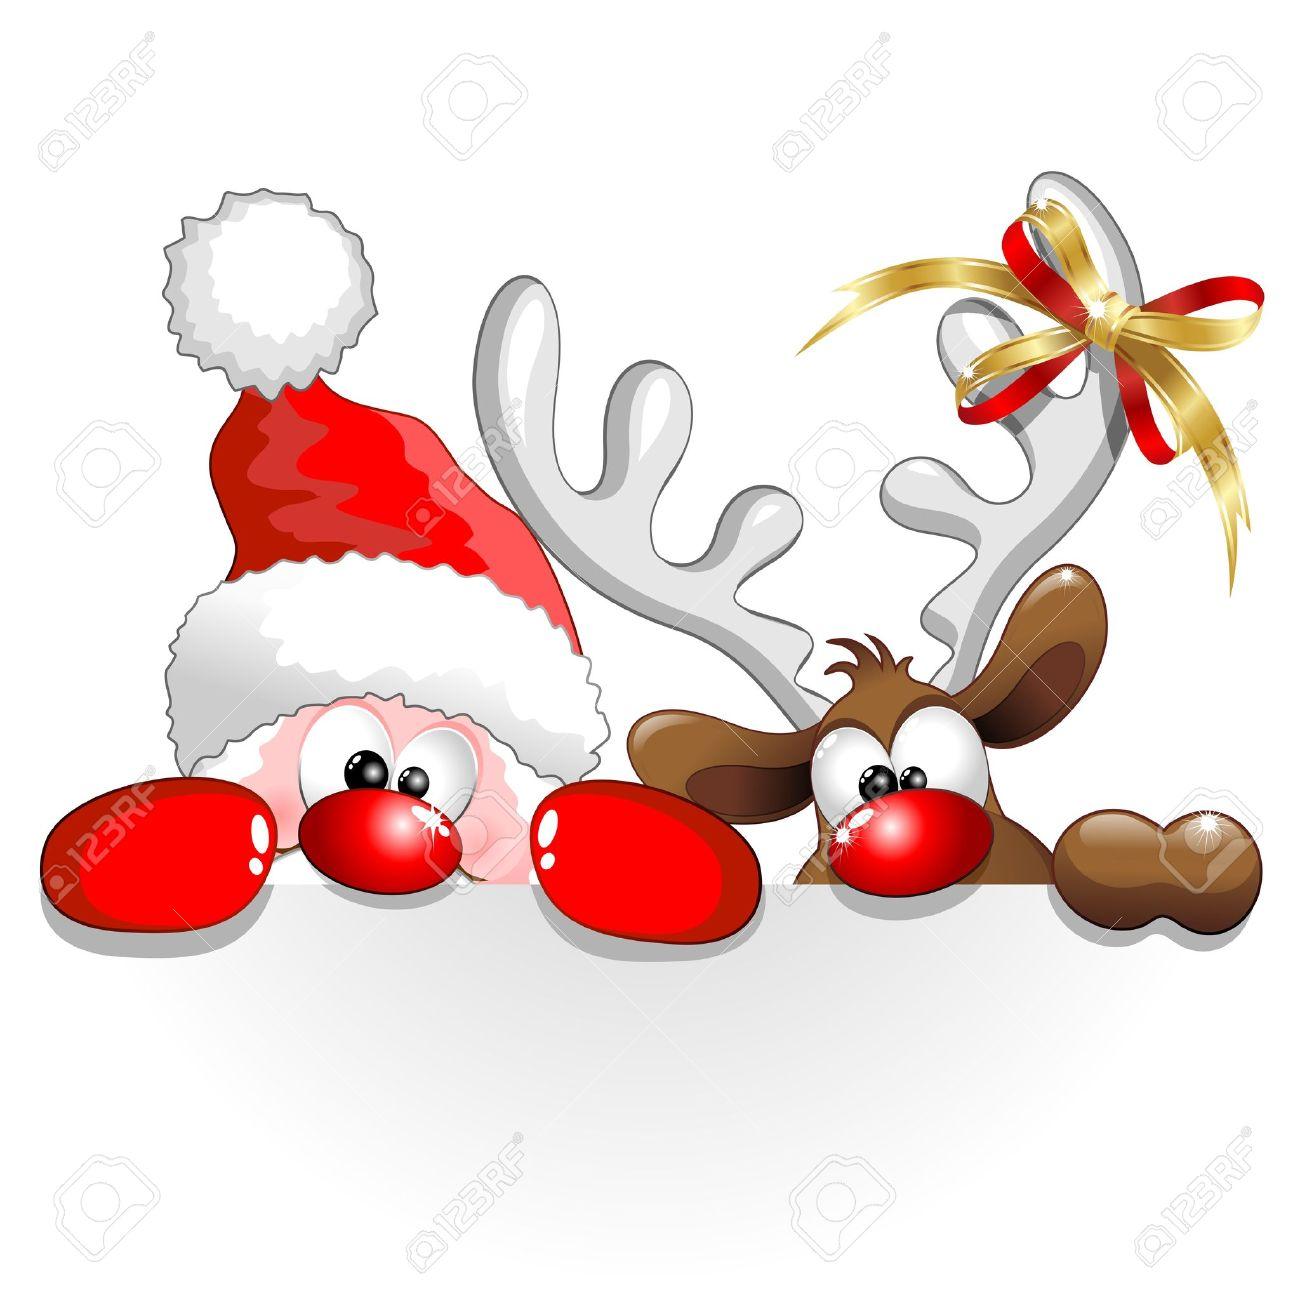 Bildergebnis für Lustige Weihnachtsbilder